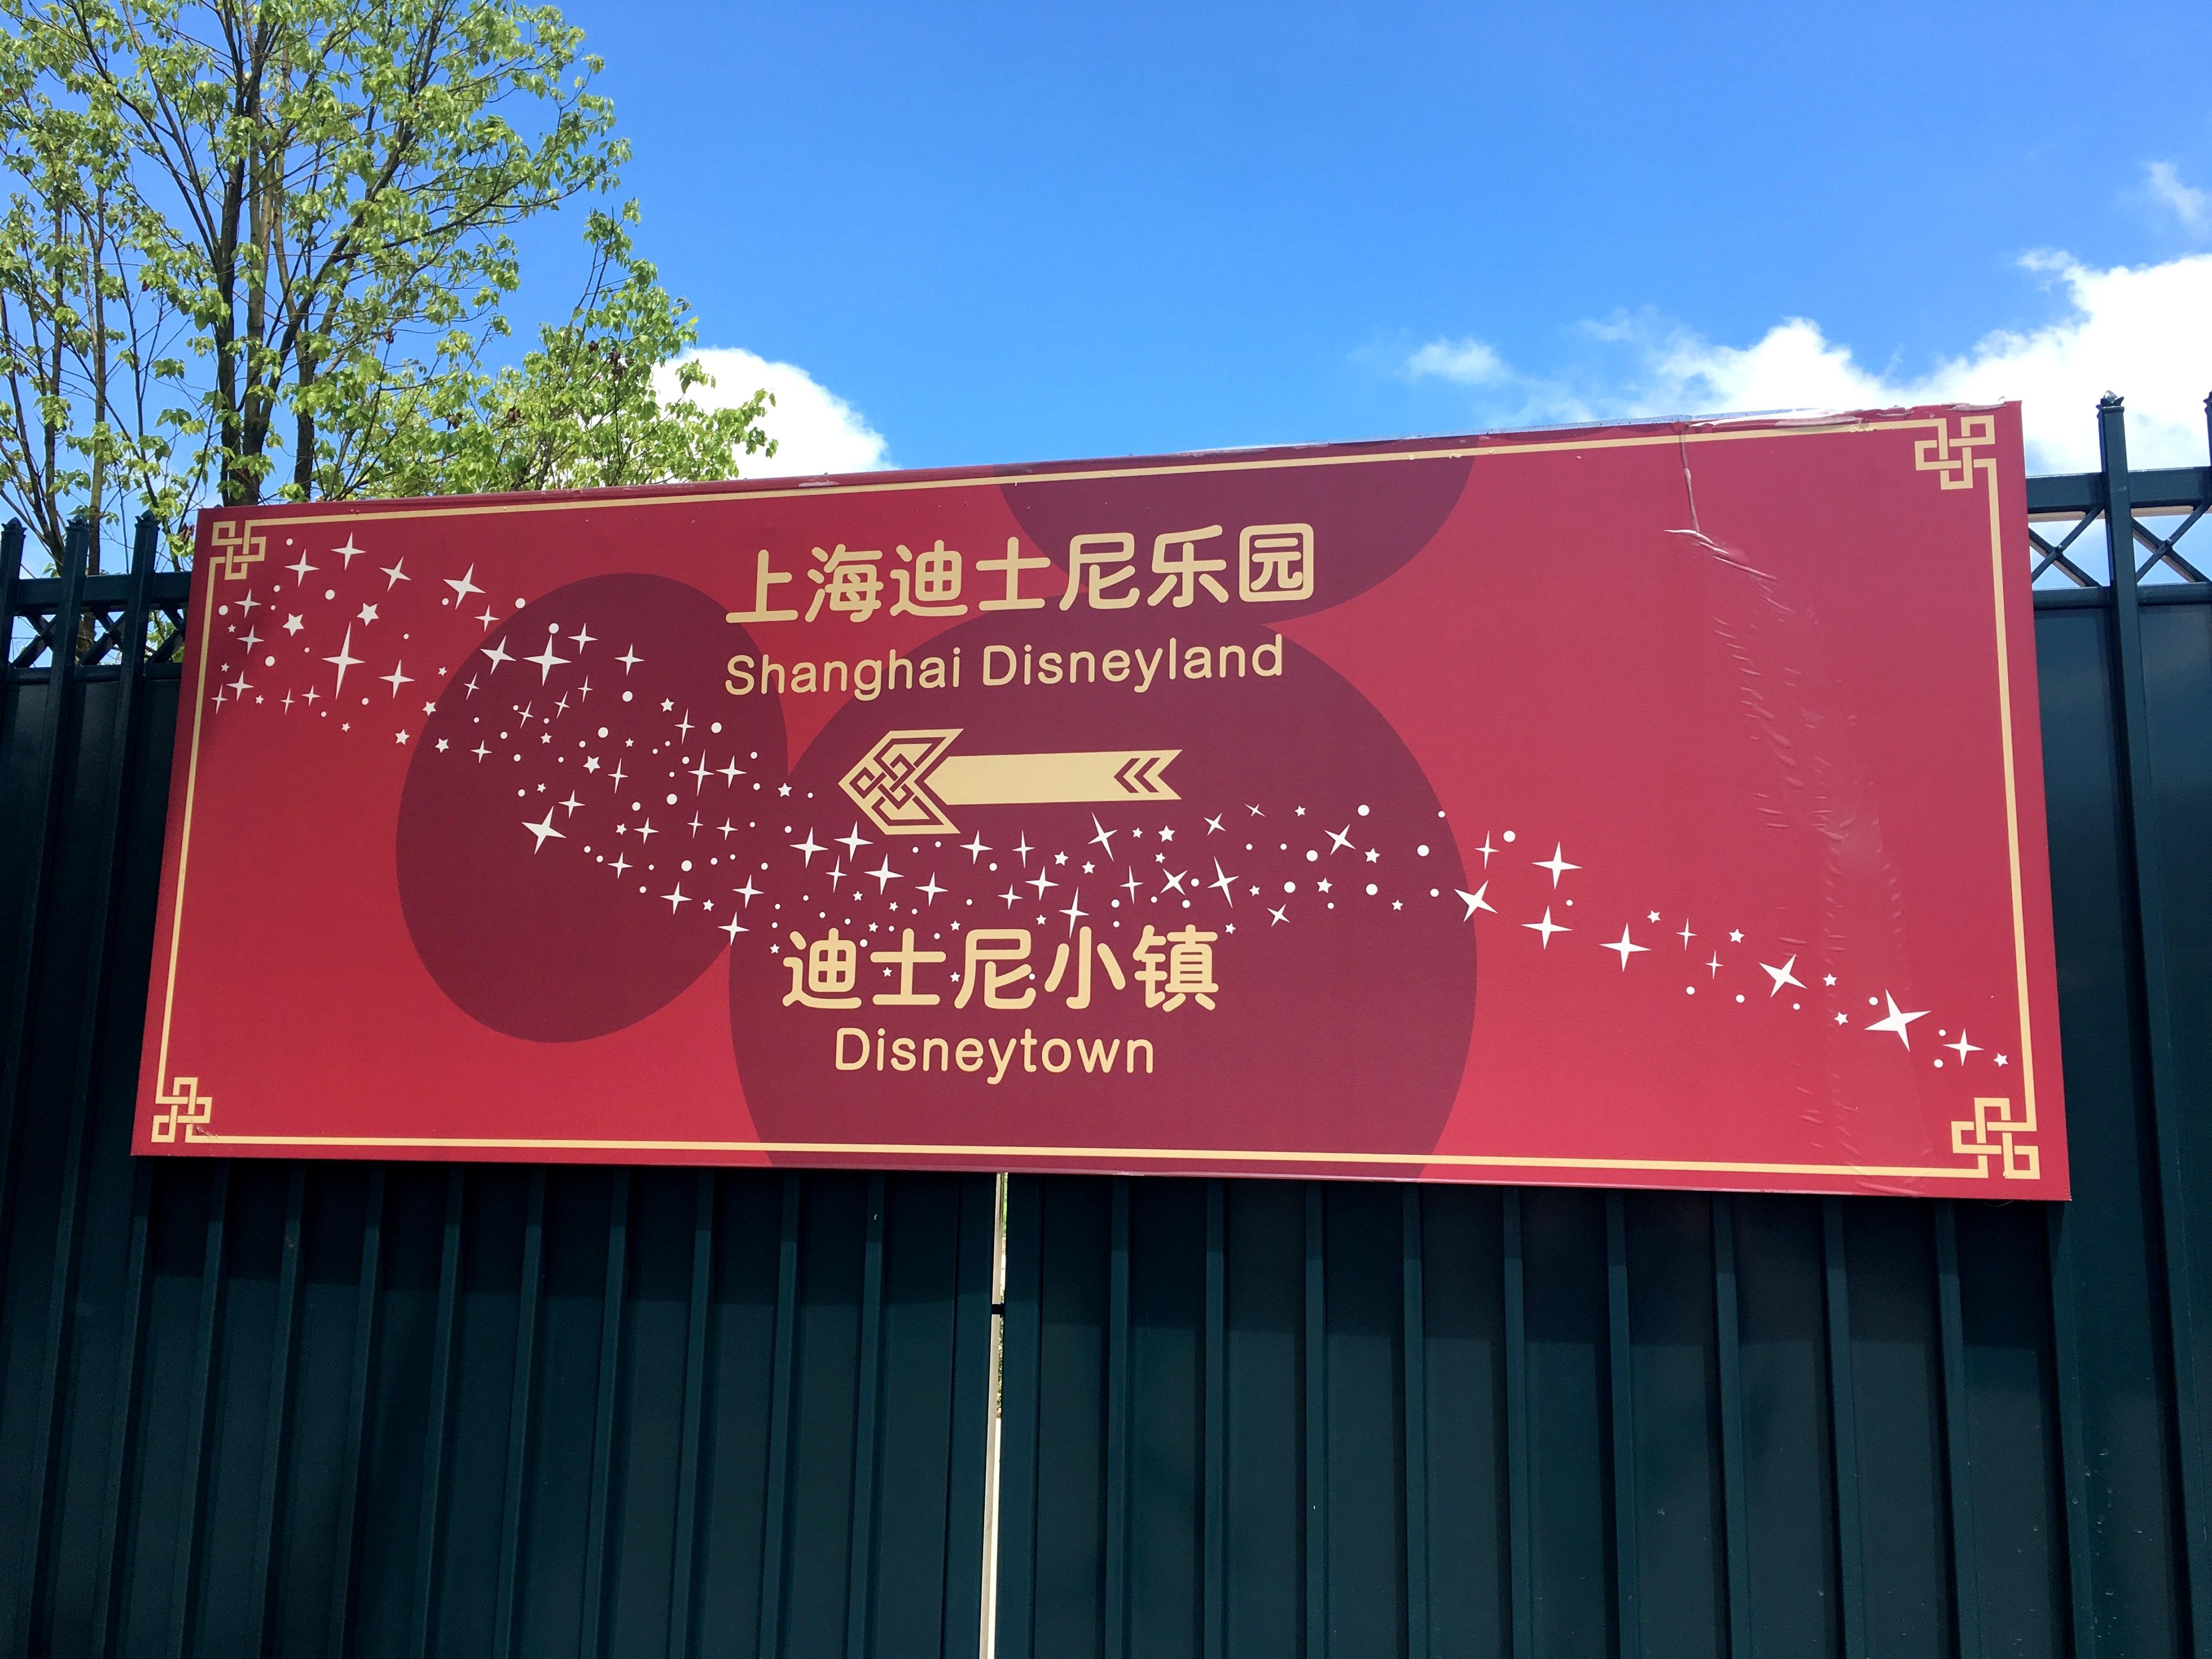 shanghai-disneyland-1